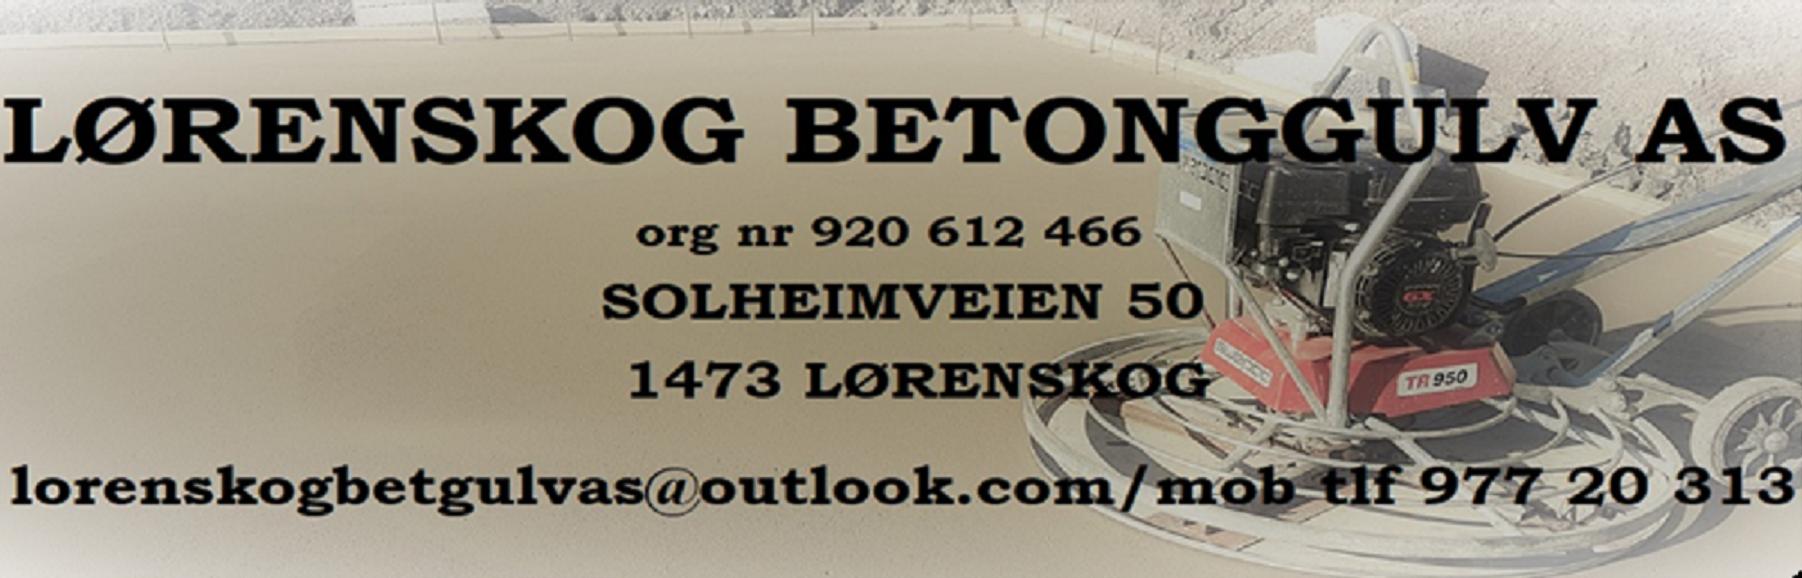 Lørenskog Betonggulv As